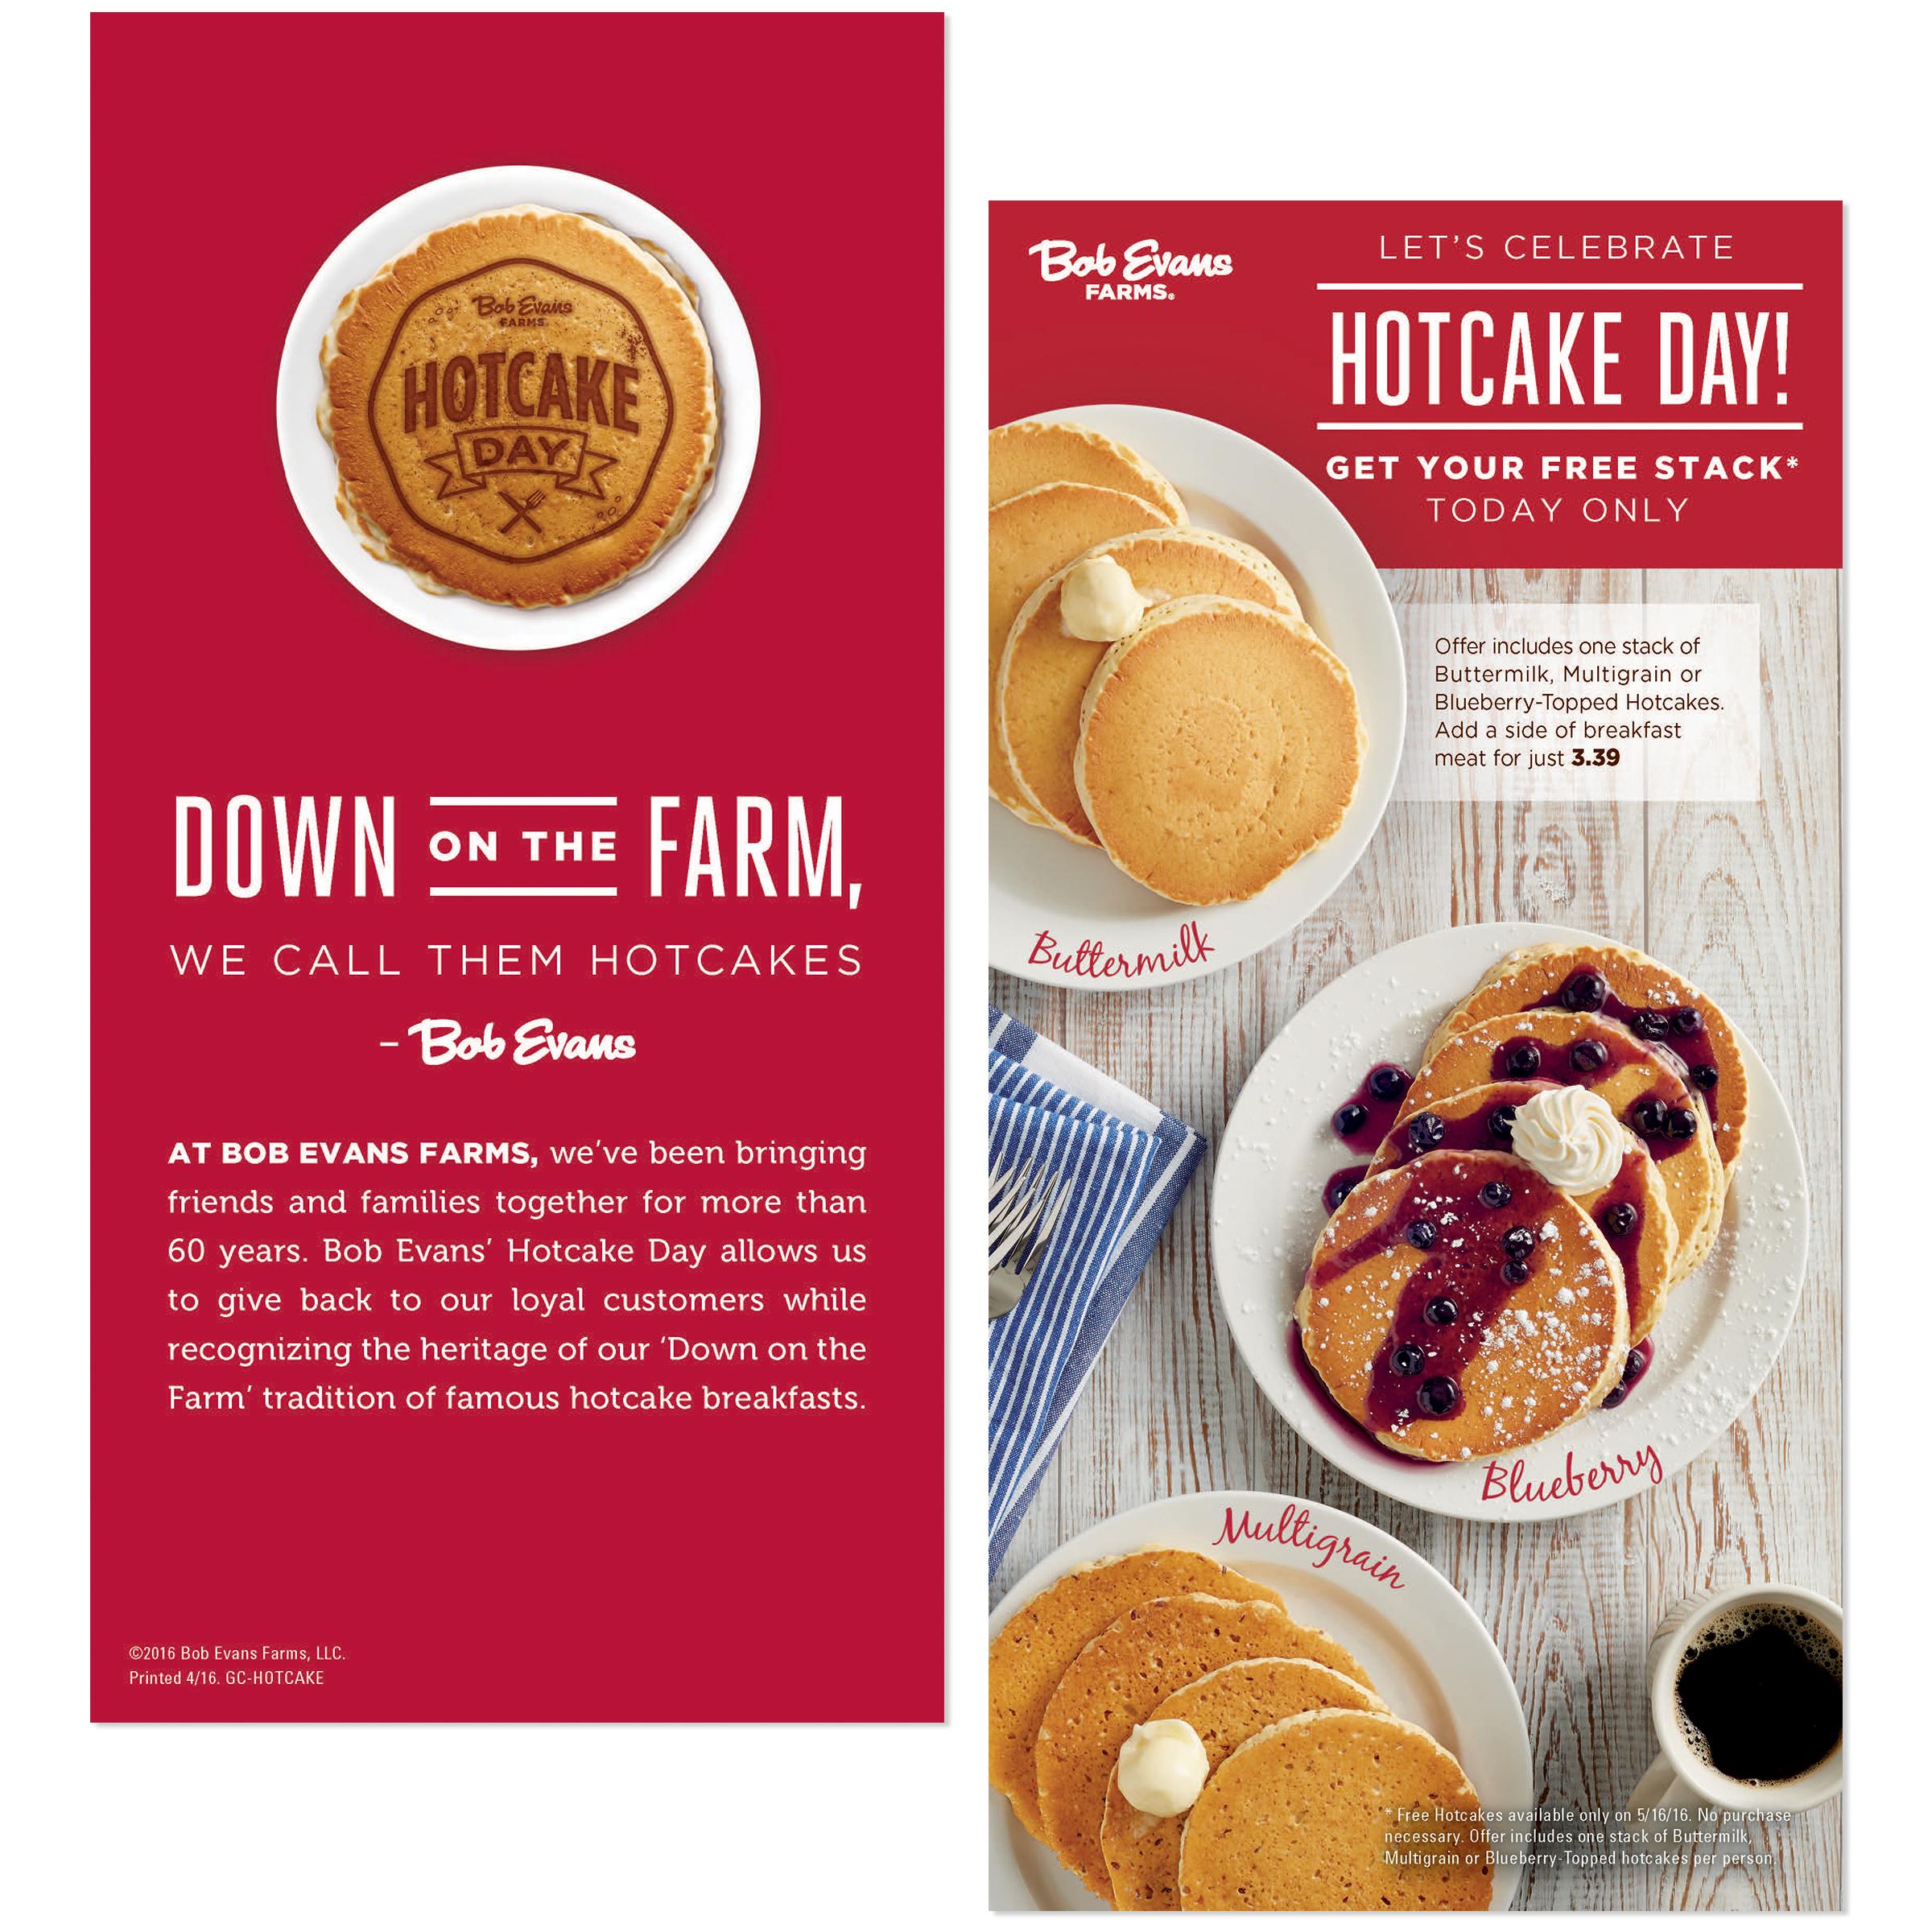 hotcake-day-menu.jpg